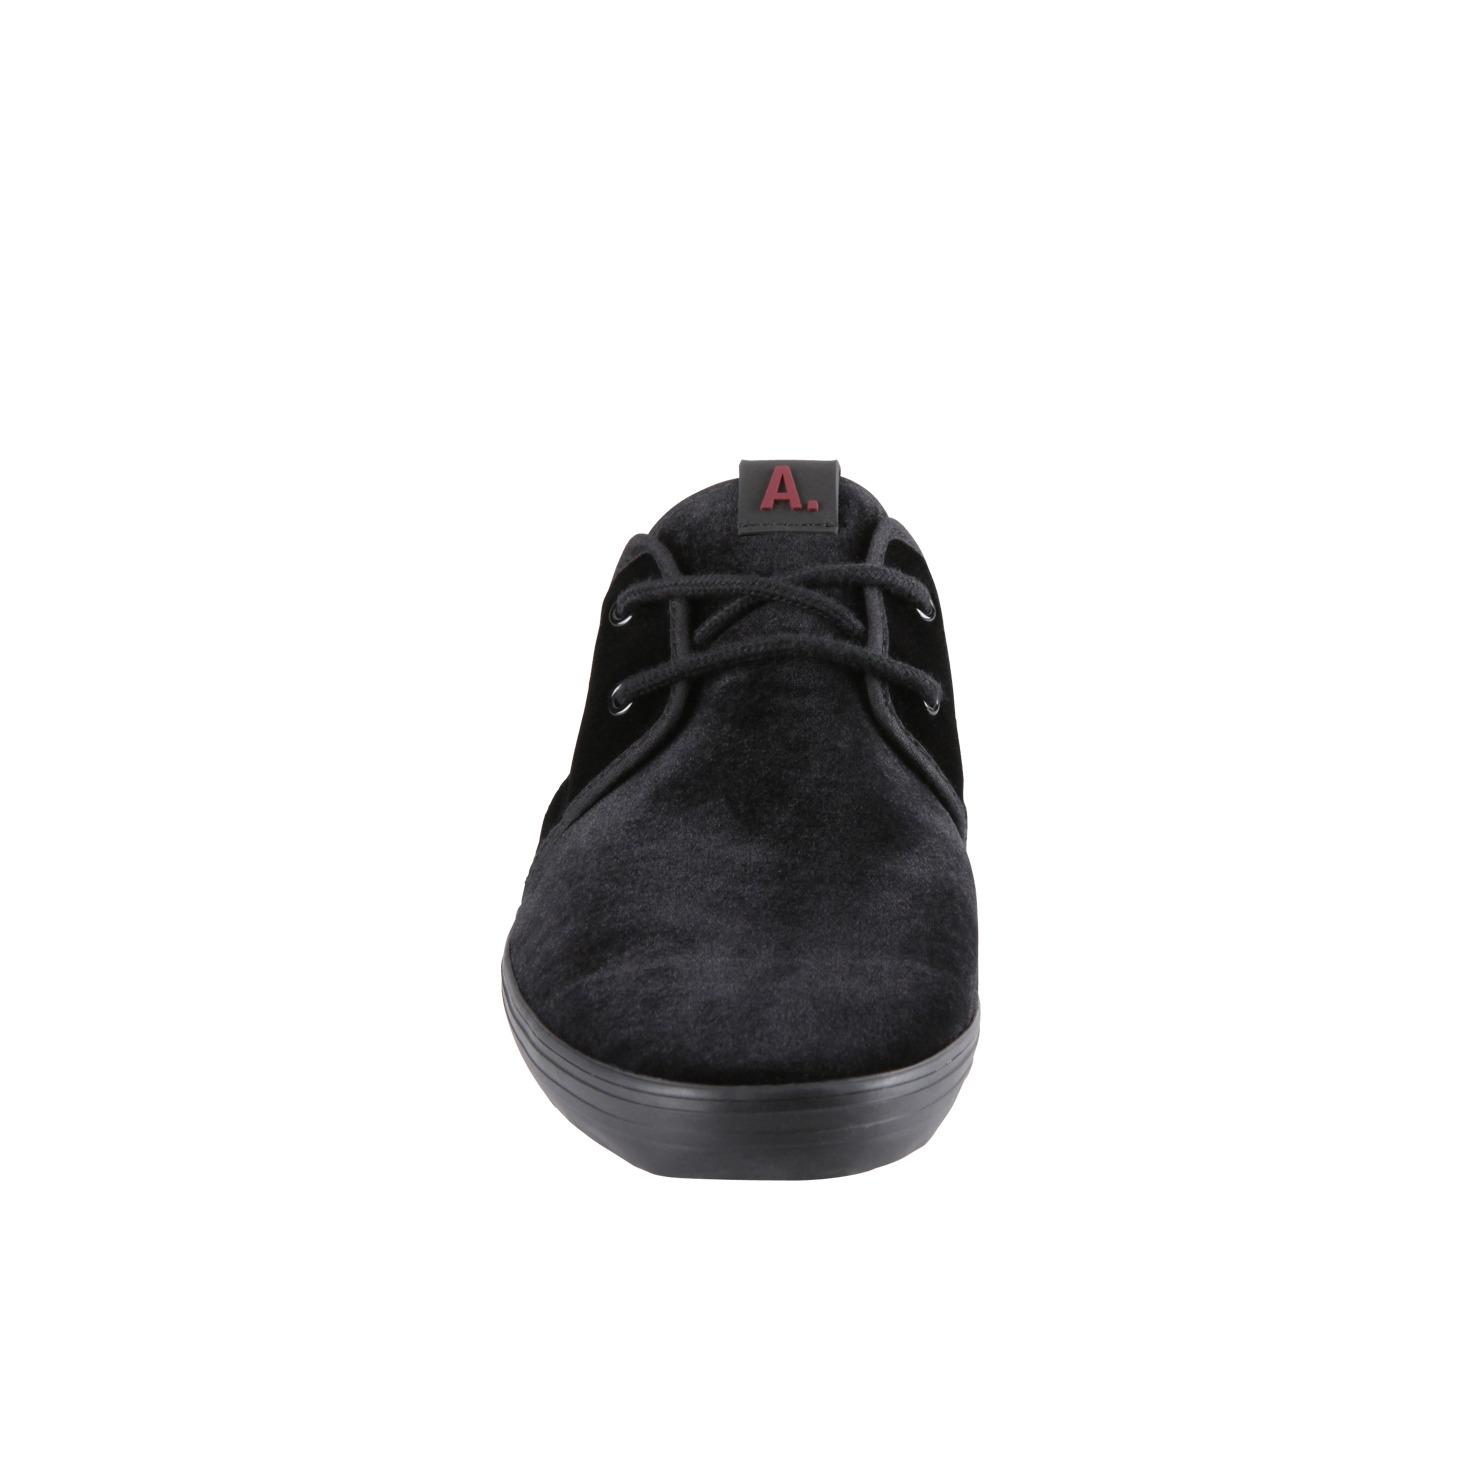 ALDO Stipek in Black for Men